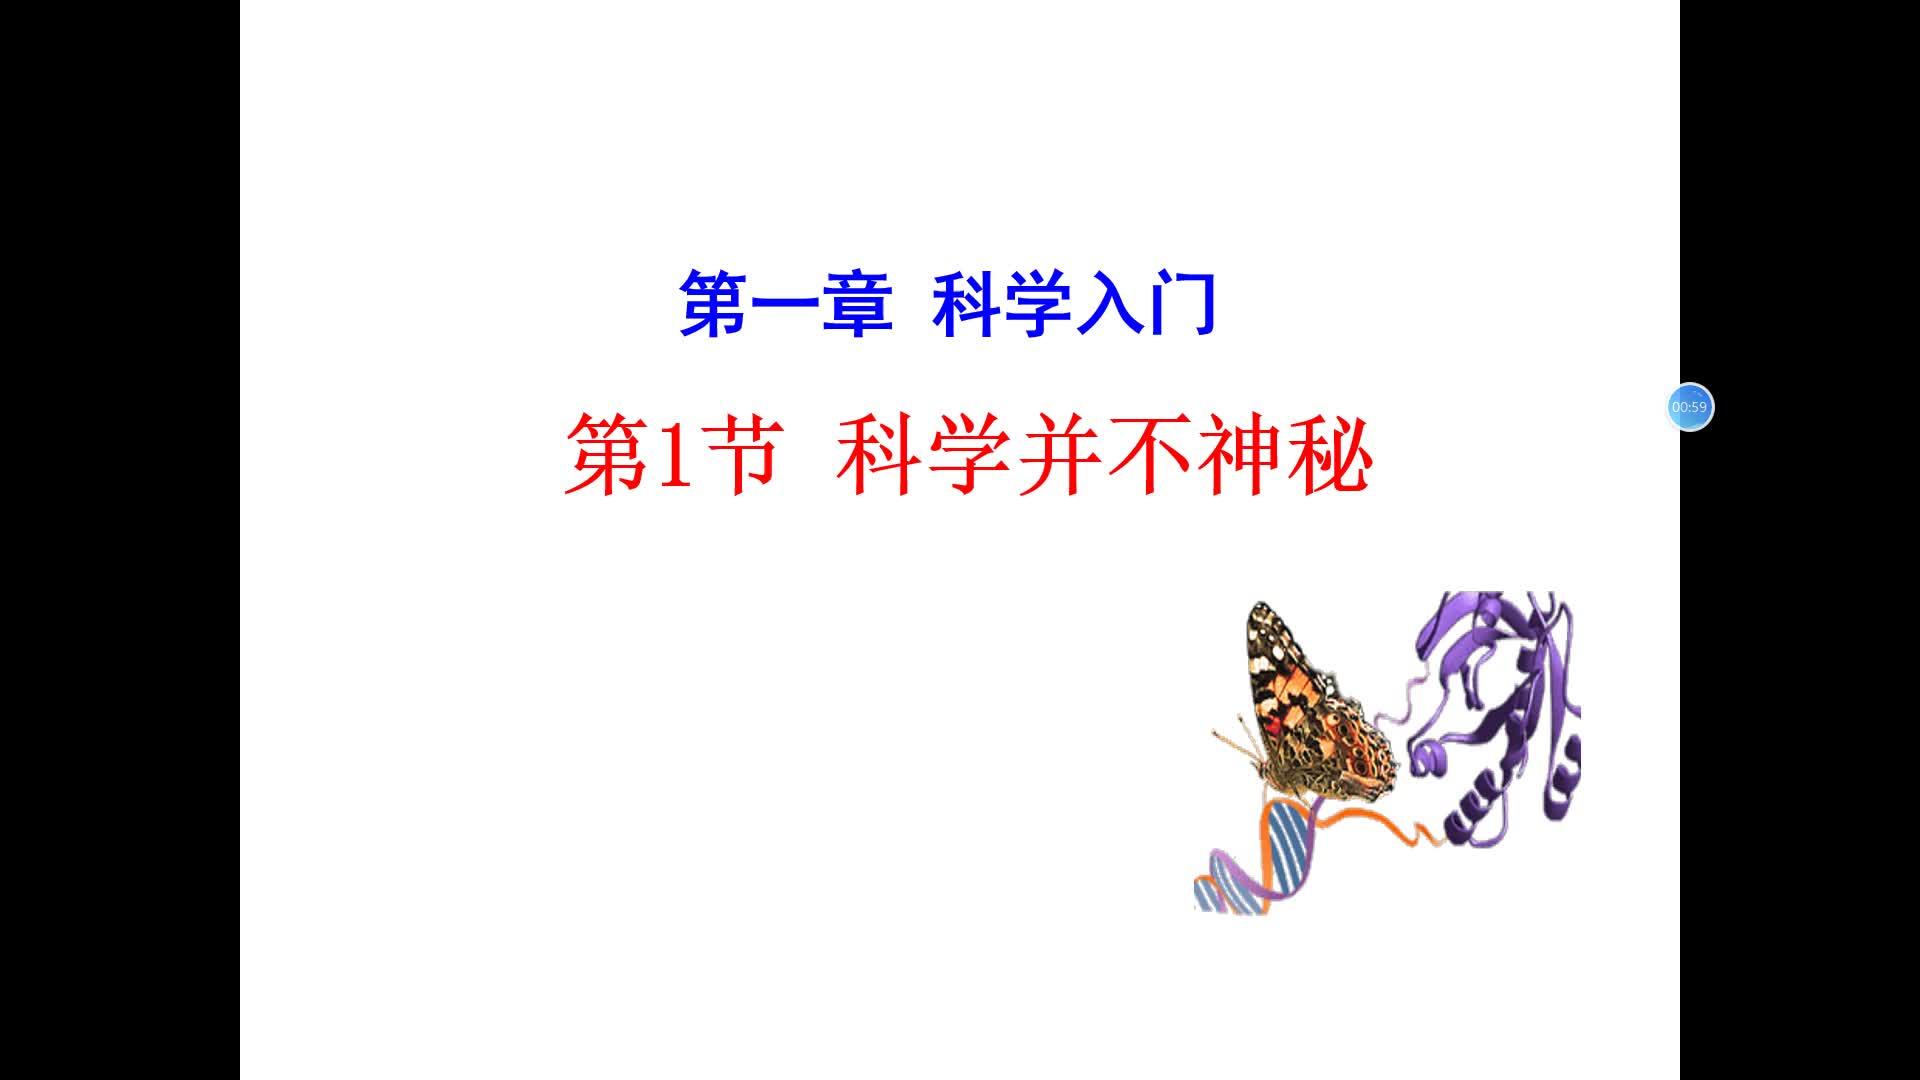 浙教版(2013)/初中科学/七年级上册/第一章/第一节:科学并不神秘 微课